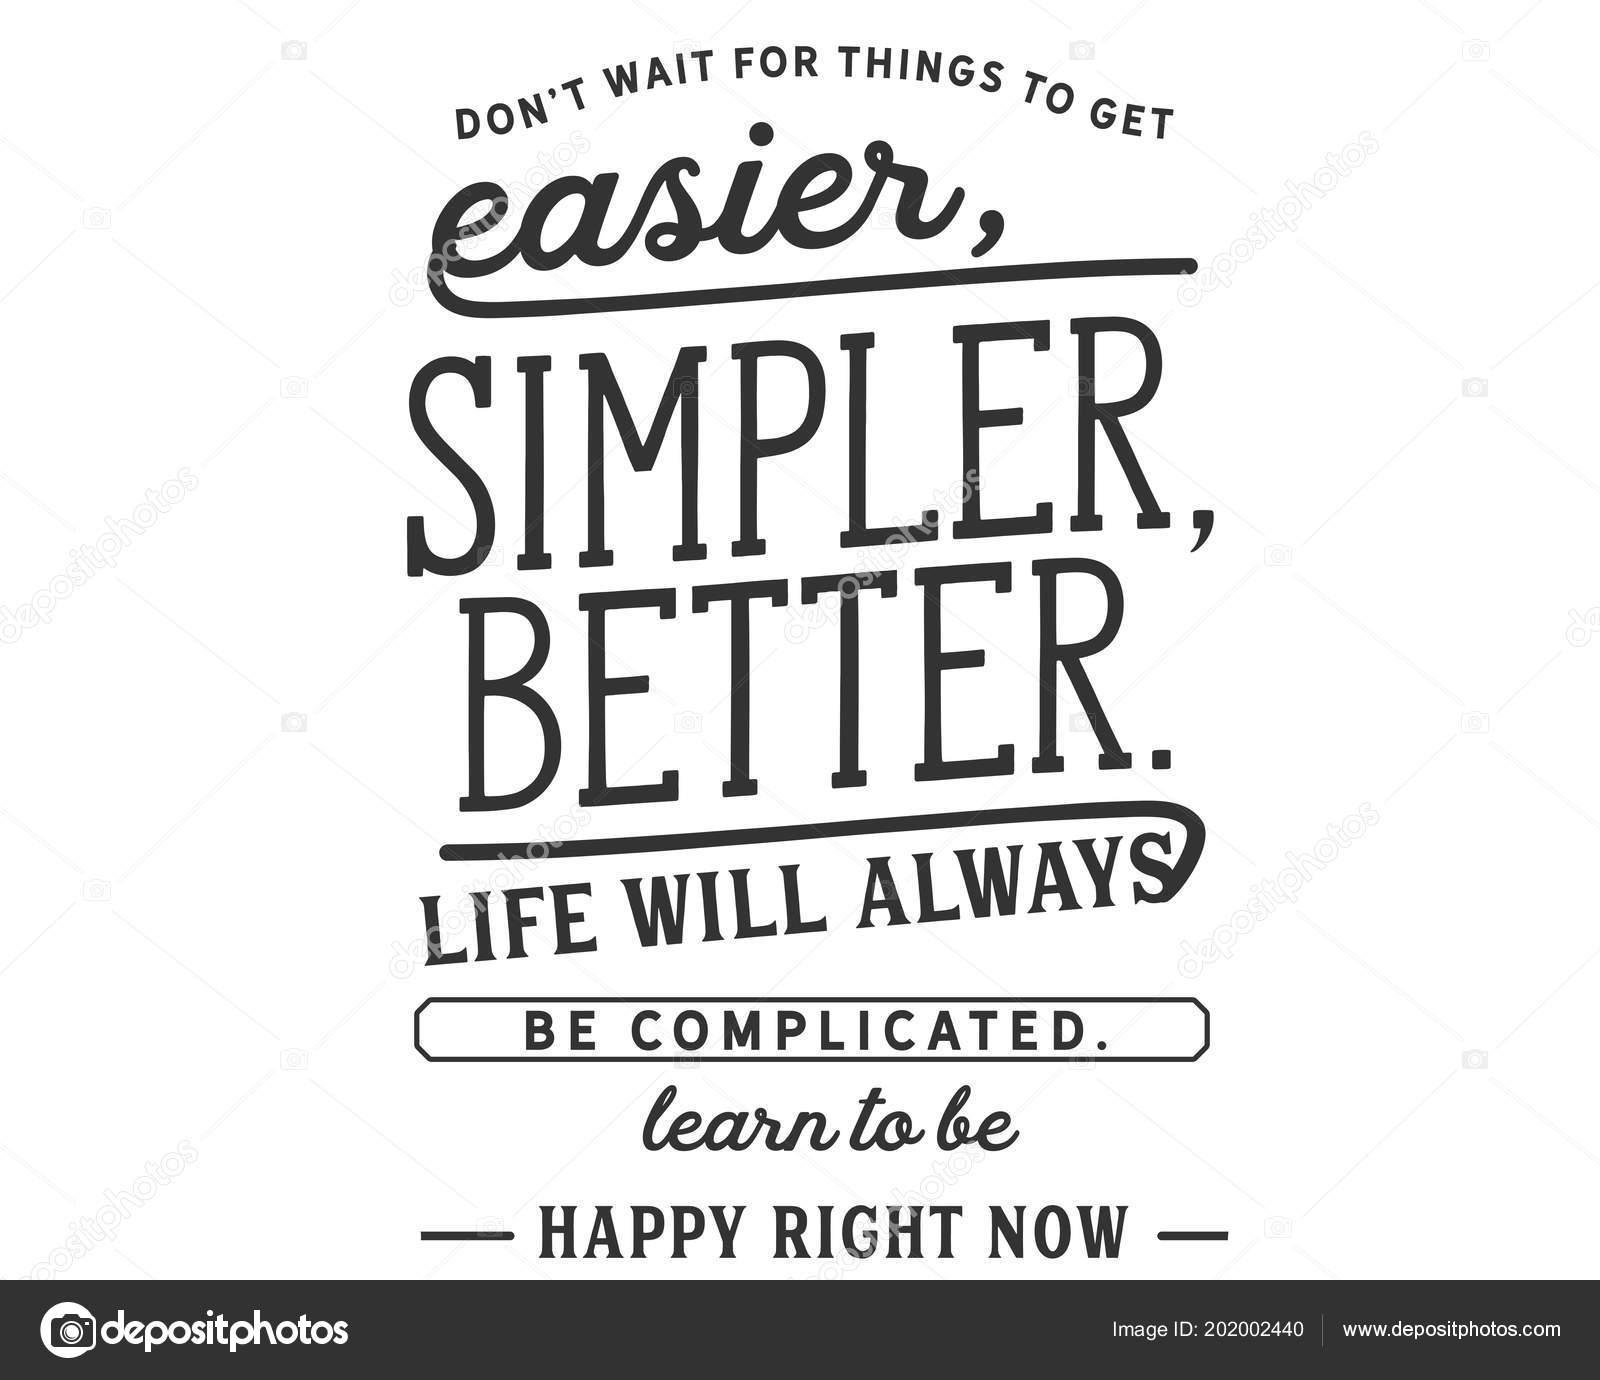 n attendez pas pour les choses pour obtenir de plus facile plus simple mieux la vie sera toujours compliquee apprendre a etre heureux en ce moment